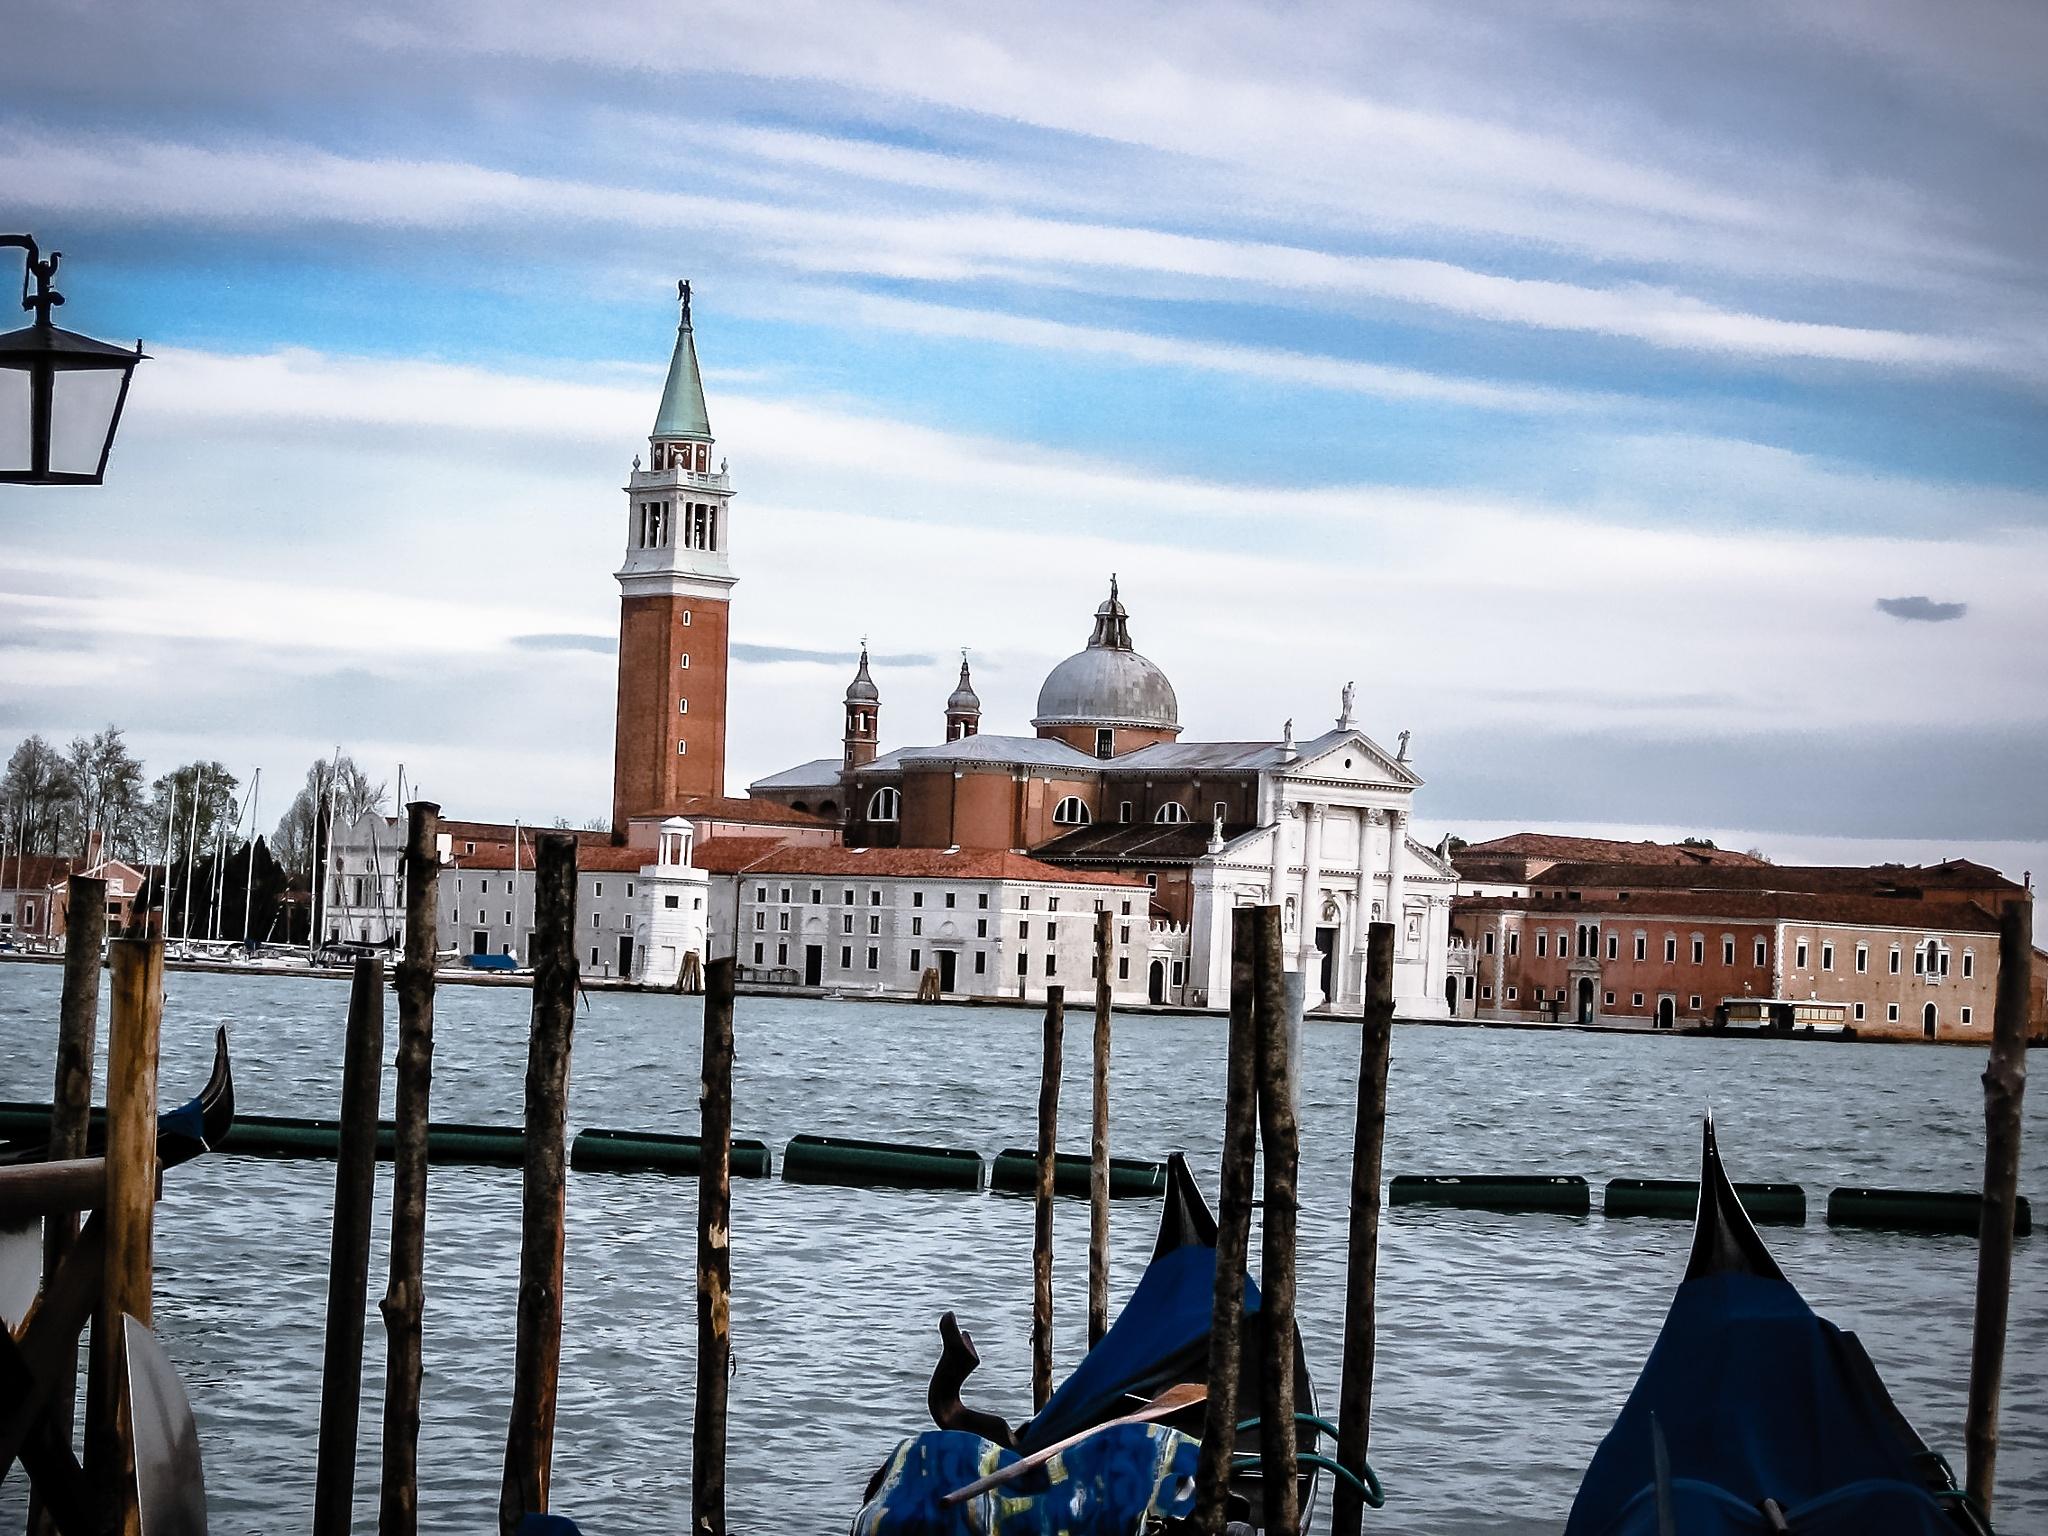 Venice by gennaro.riccio